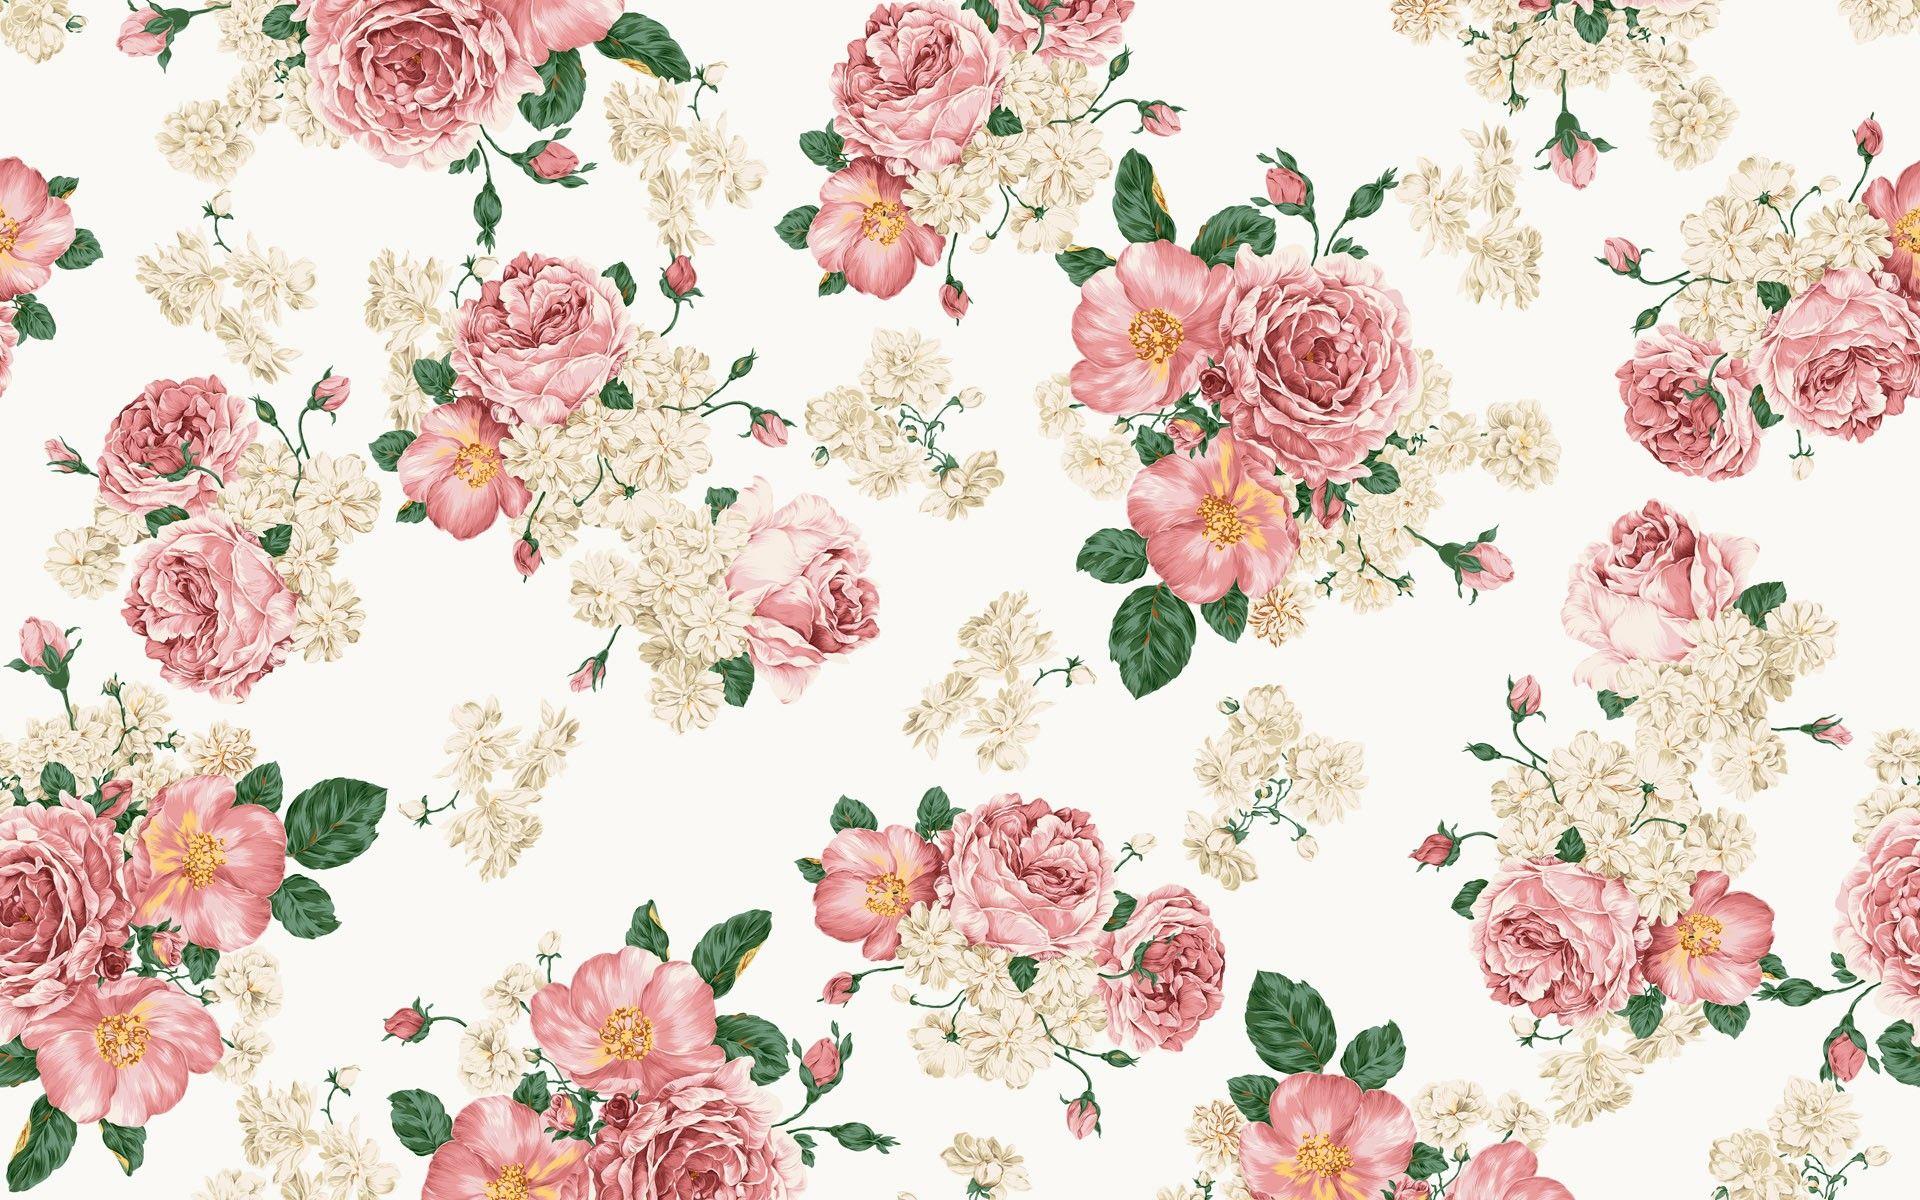 Floral Print Wallpaper Bunga Cetakan Bunga